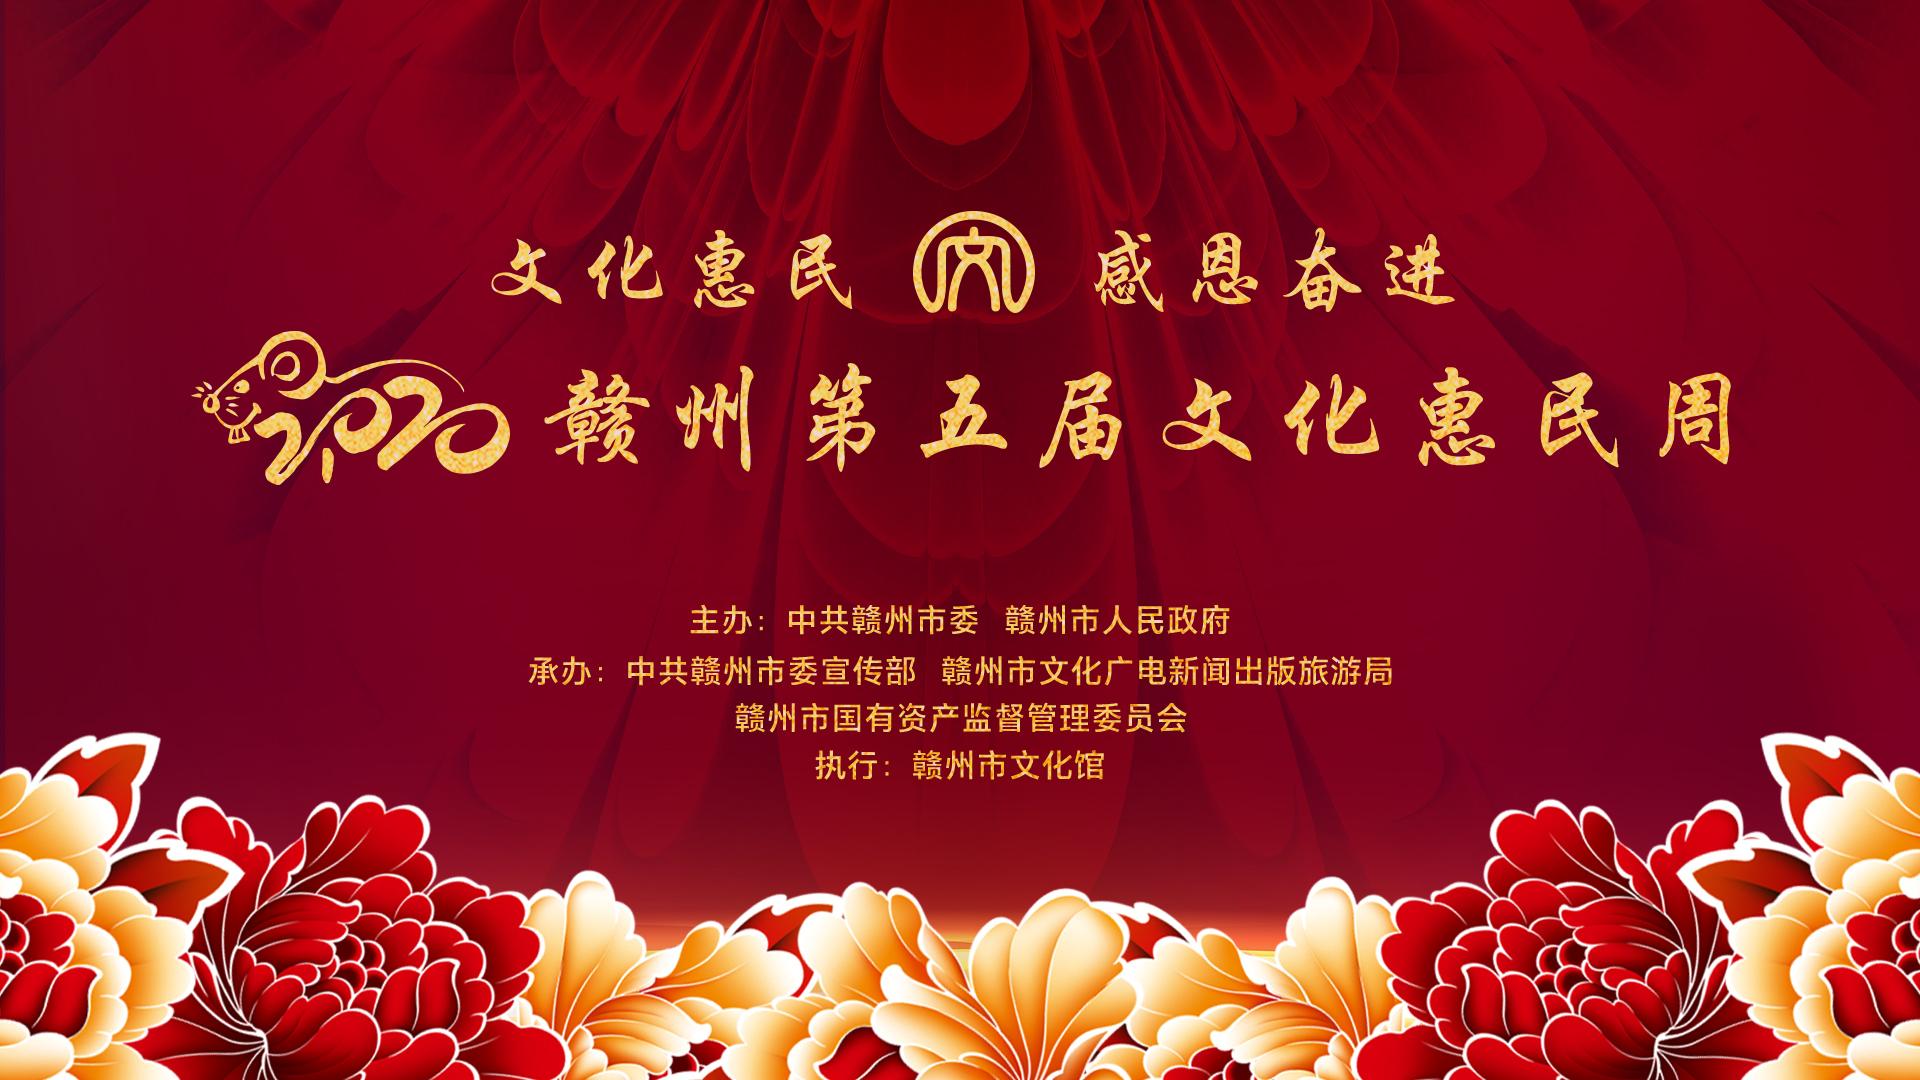 2020赣州第五届文化惠民周活动